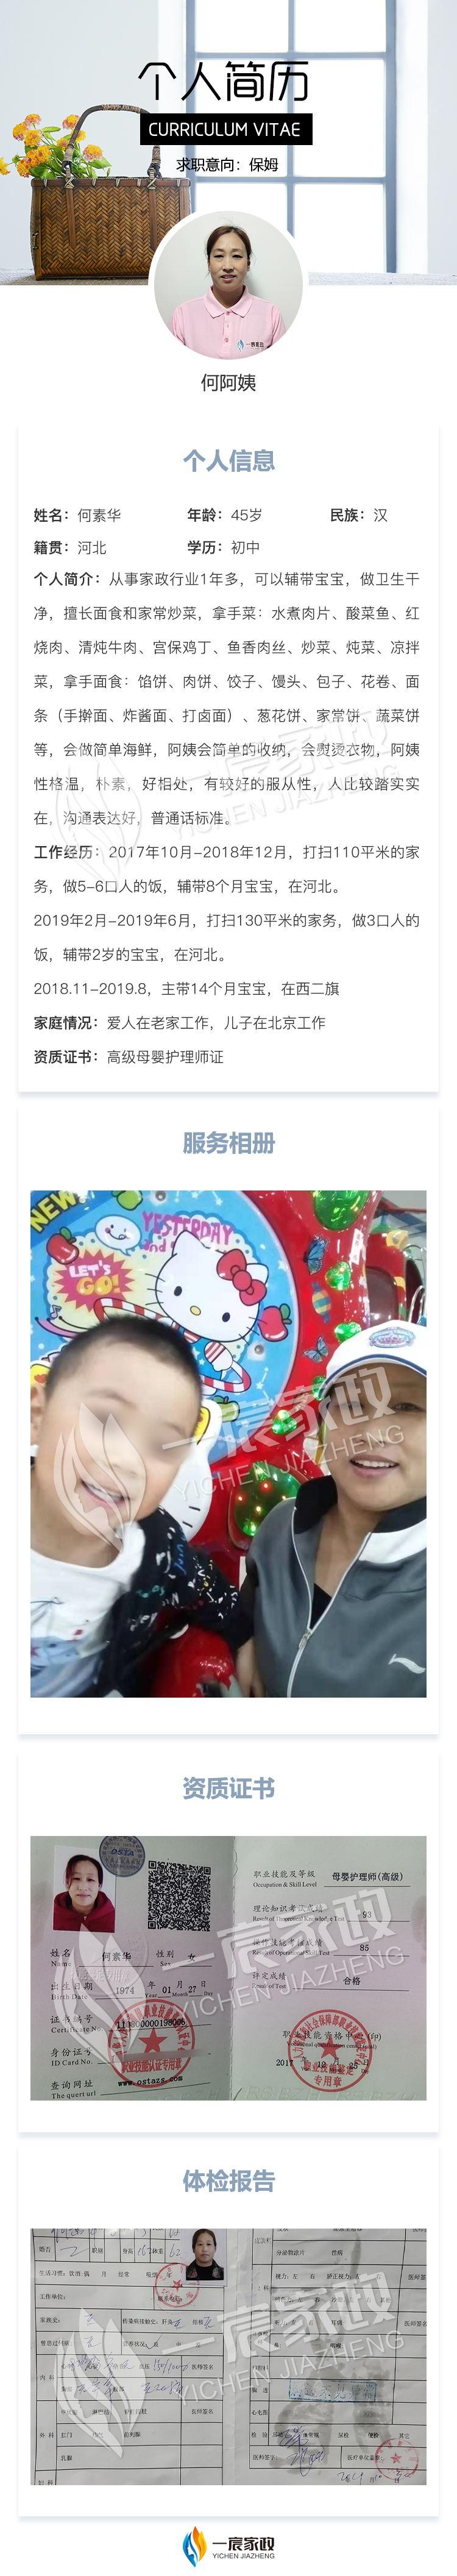 何素华_看图王.jpg